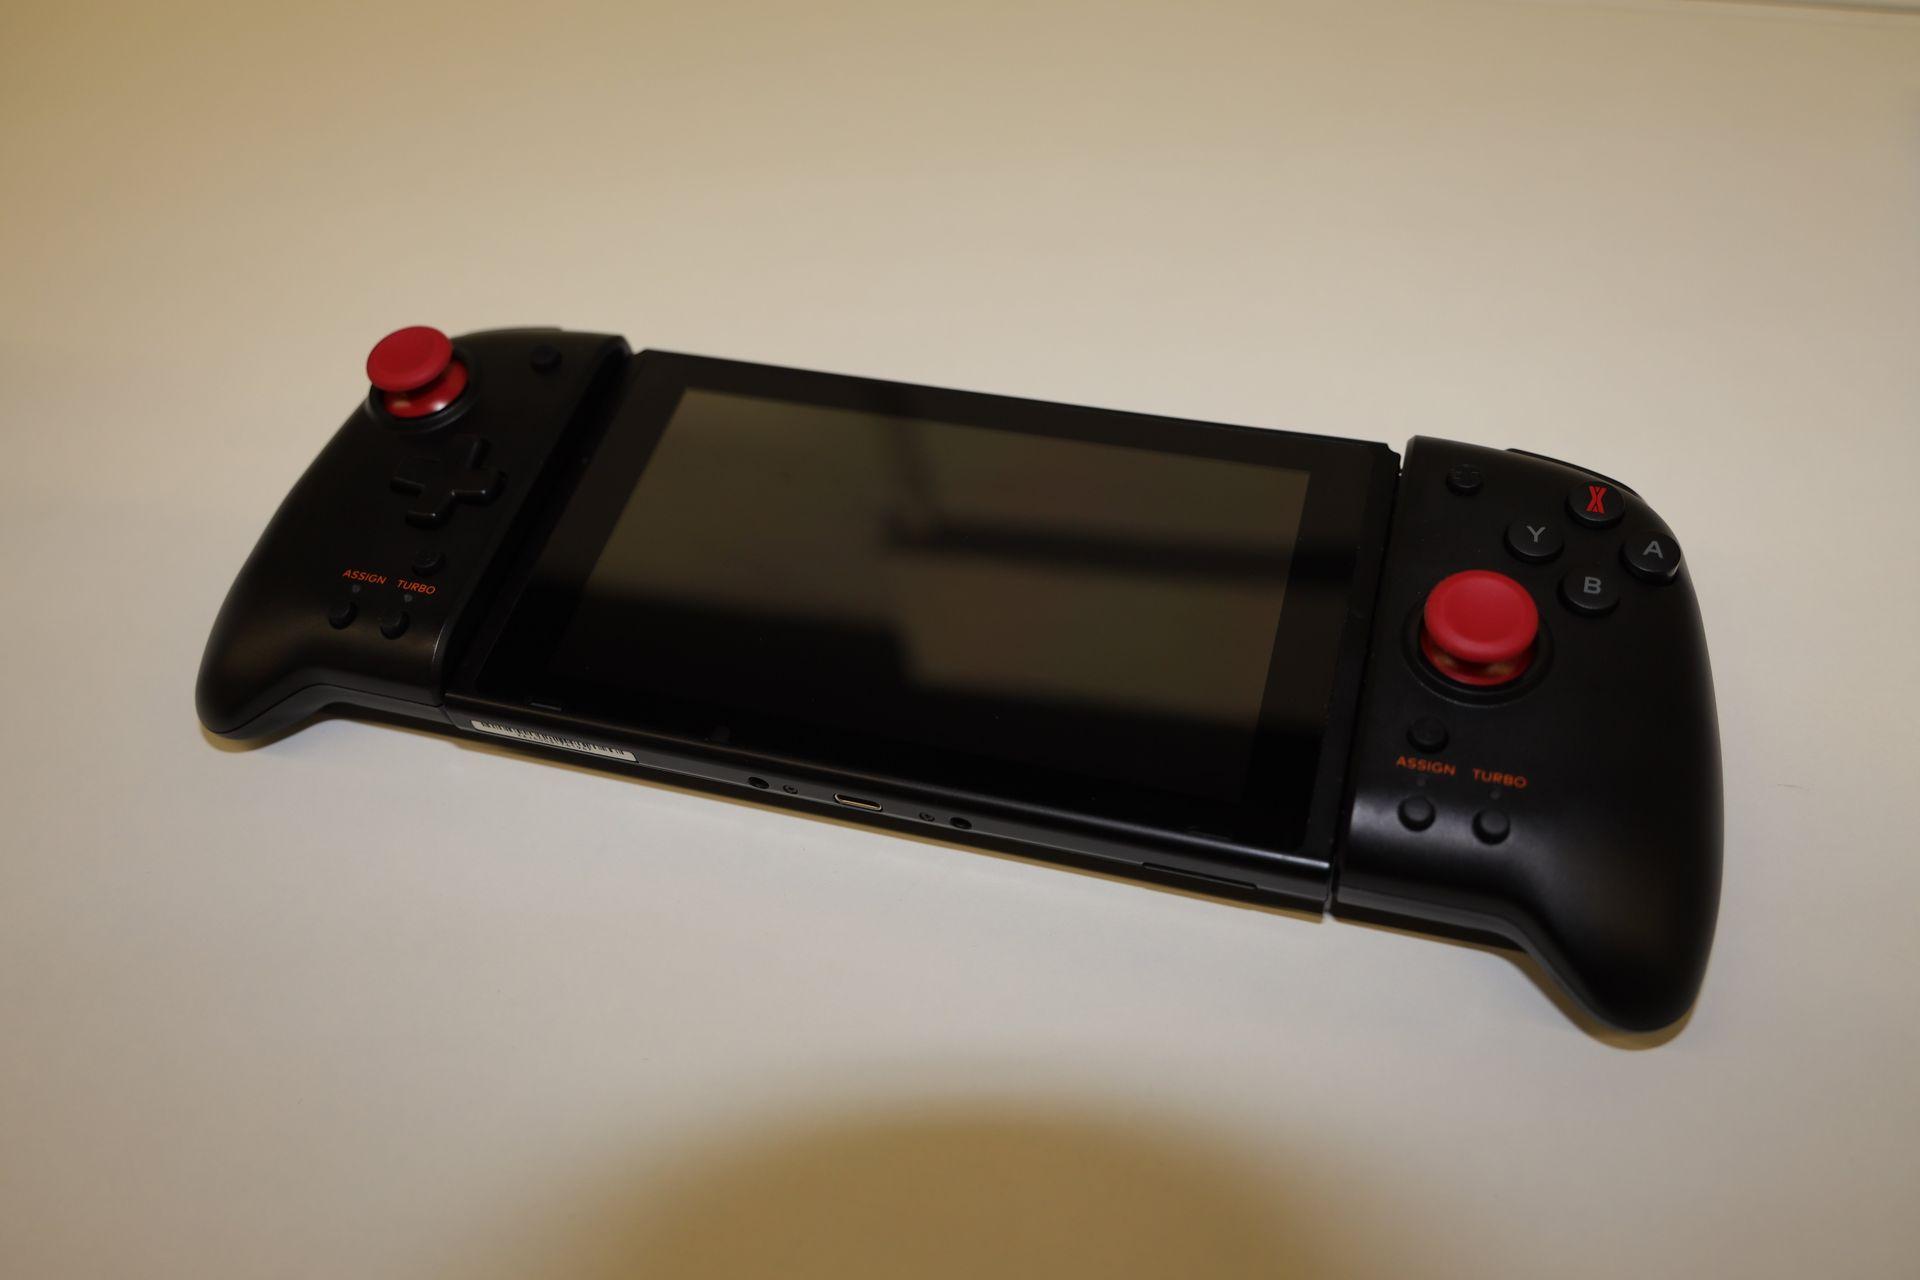 携帯型ゲーム機としては過去最大規模に横に長くなるが、グリップ感が向上し、片手でもガッチリ持てるようになっているため、使いやすさは増している